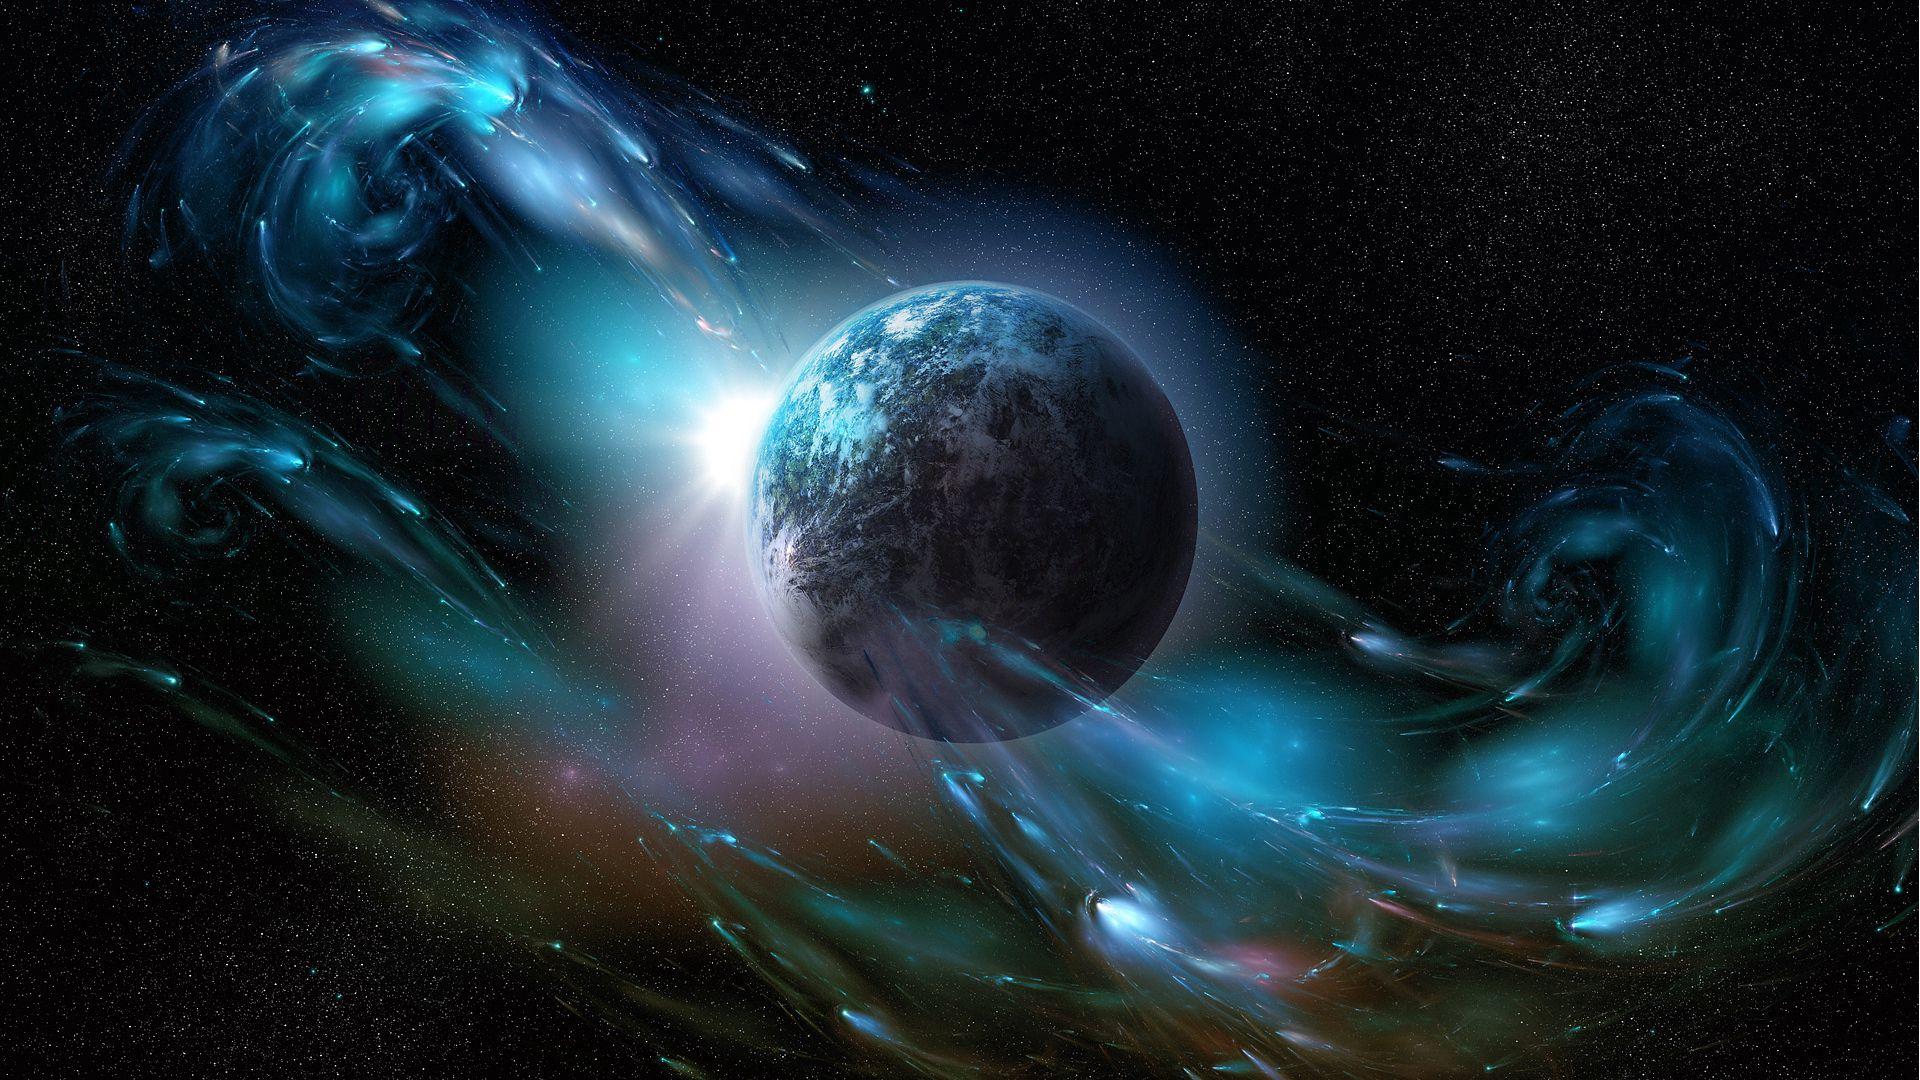 60731 скачать обои Абстракция, Планета, Космический Ветер, Пространство - заставки и картинки бесплатно